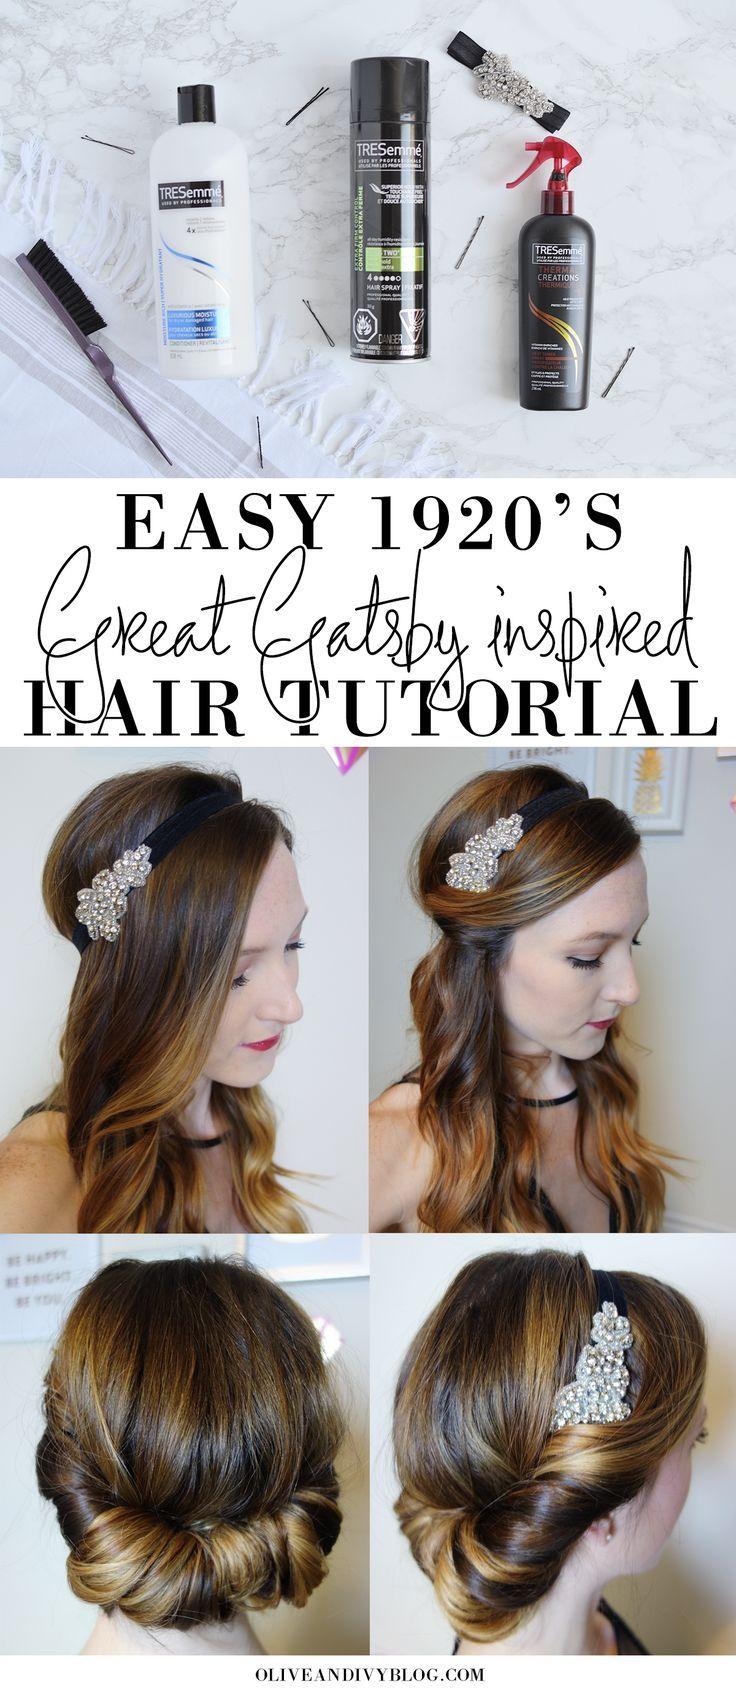 Jun Gatsby Hair Great Gatsby Hairstyles 1920s Hair Tutorial